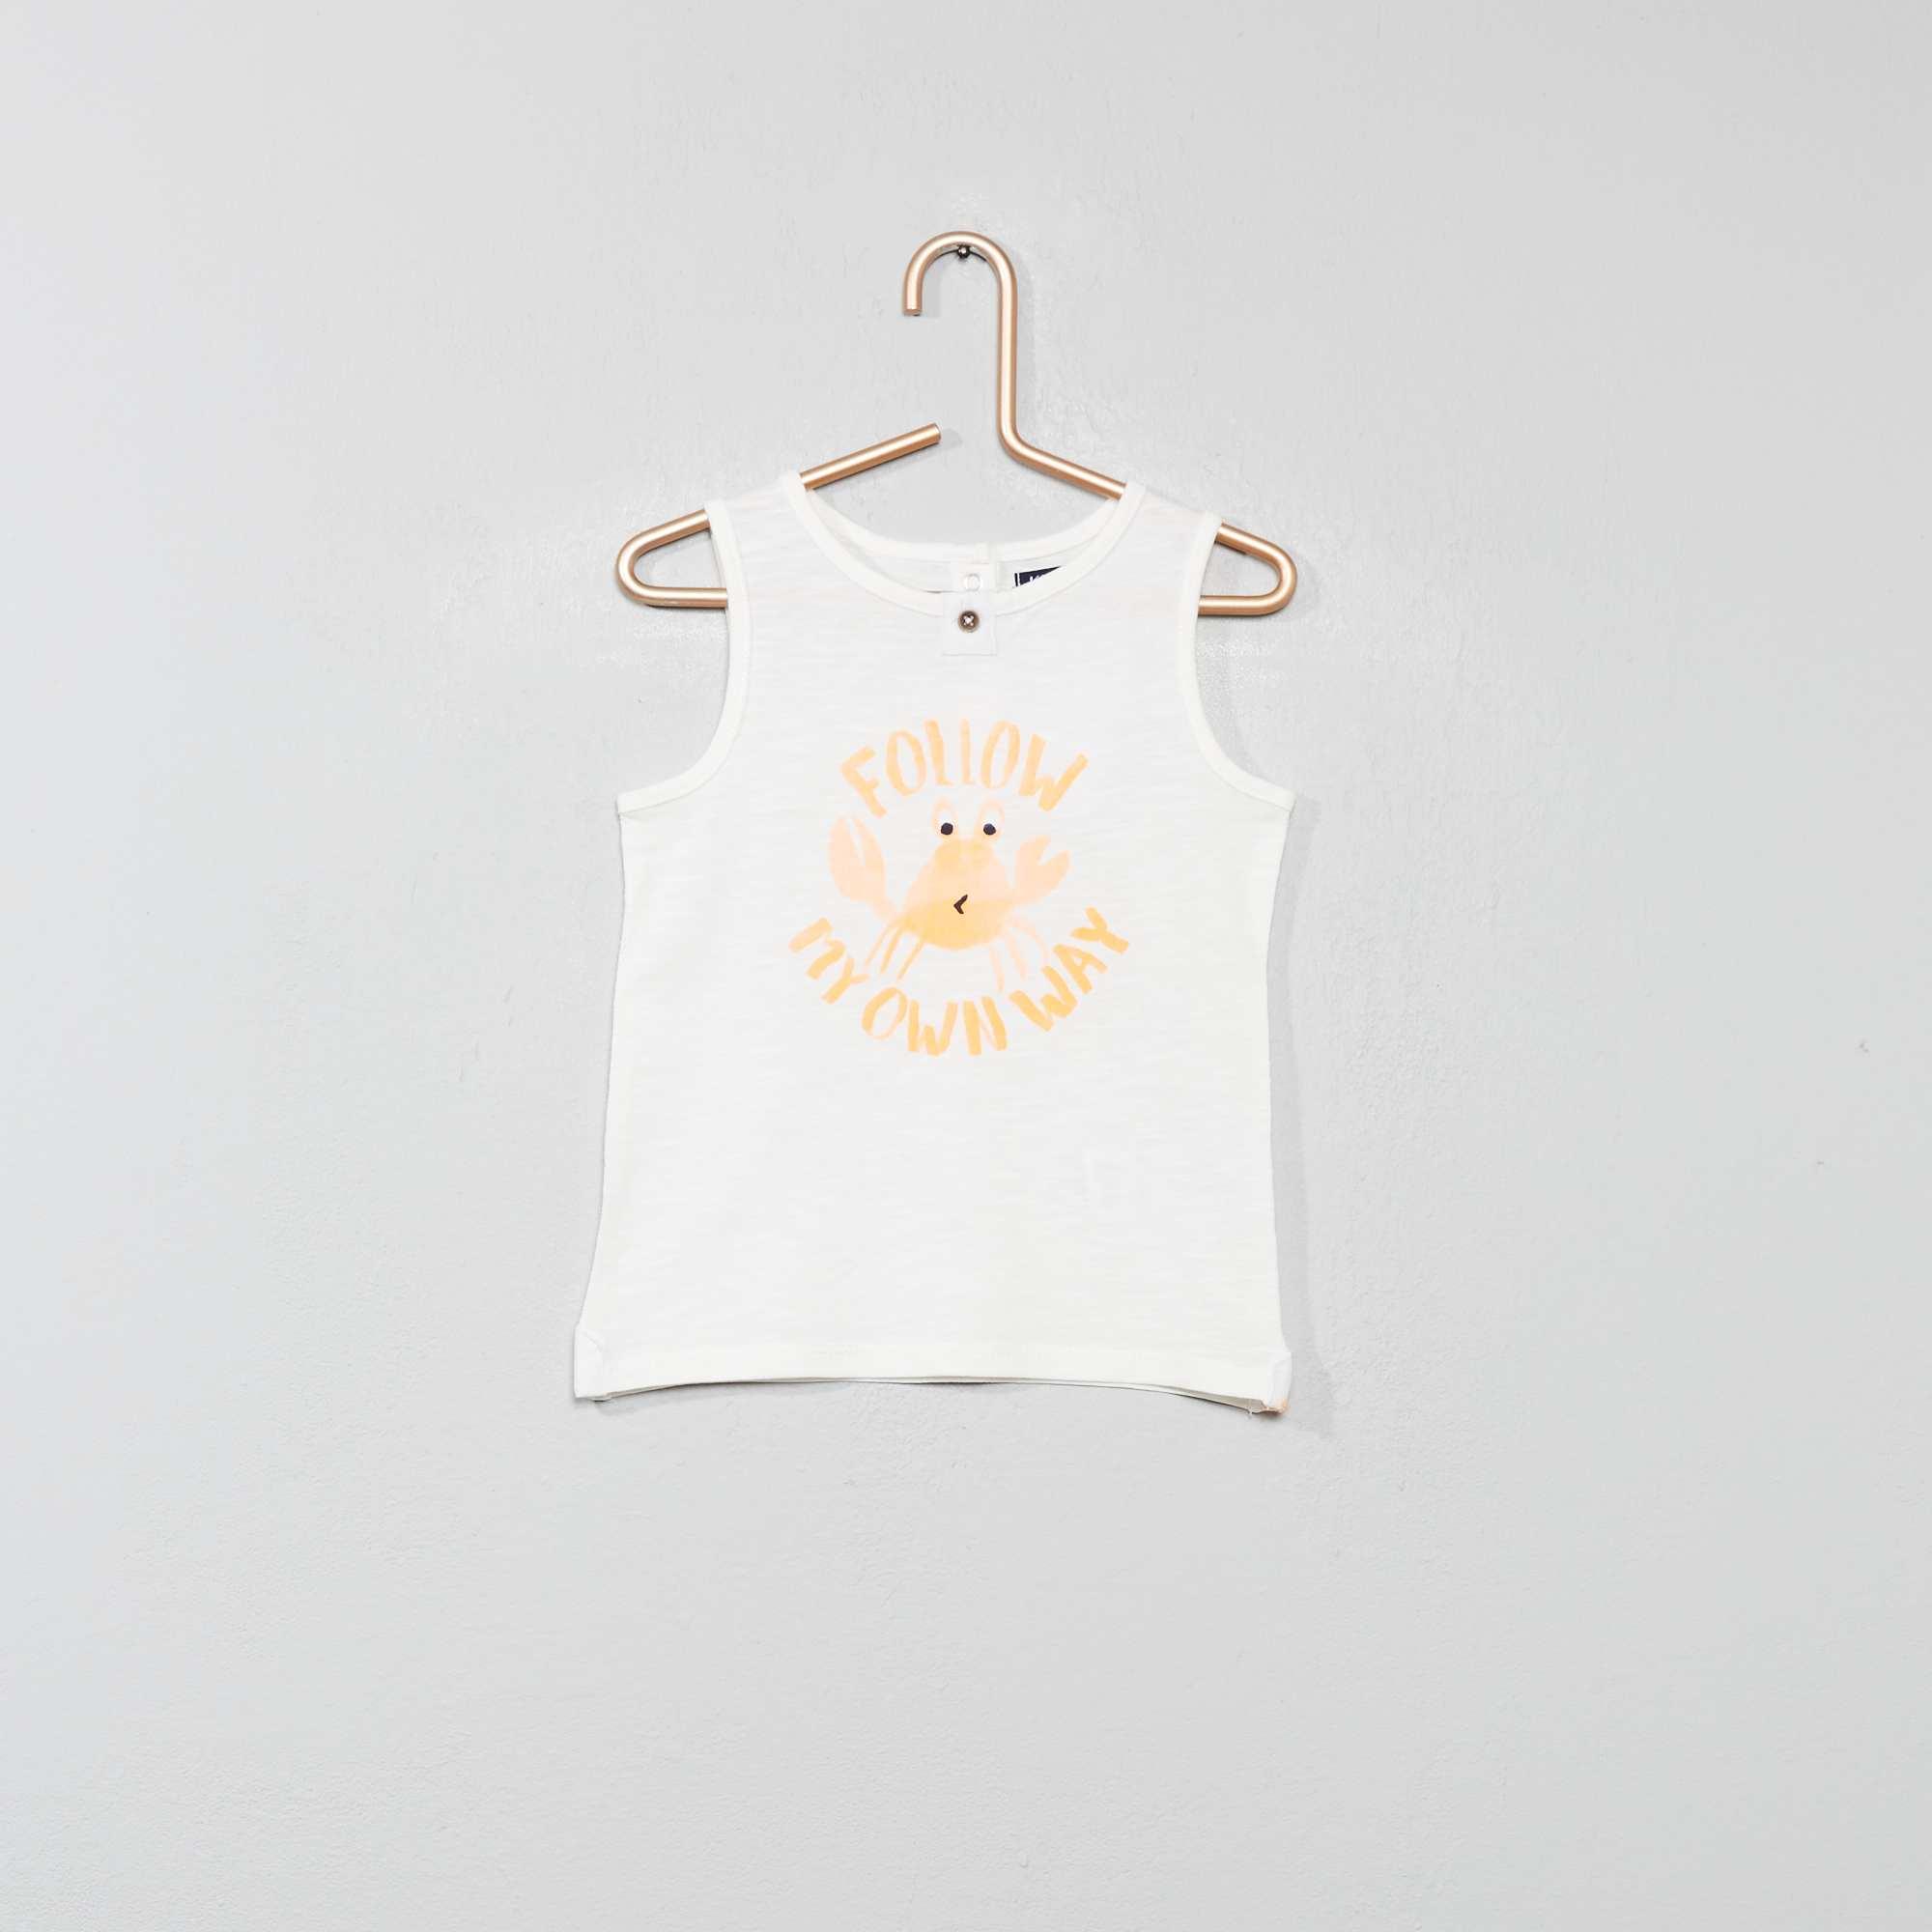 0a79b1c77 Camiseta sin mangas estampada BLANCO Bebé niño. Loading zoom. Haz clic en  la imagen para agrandar. zoom